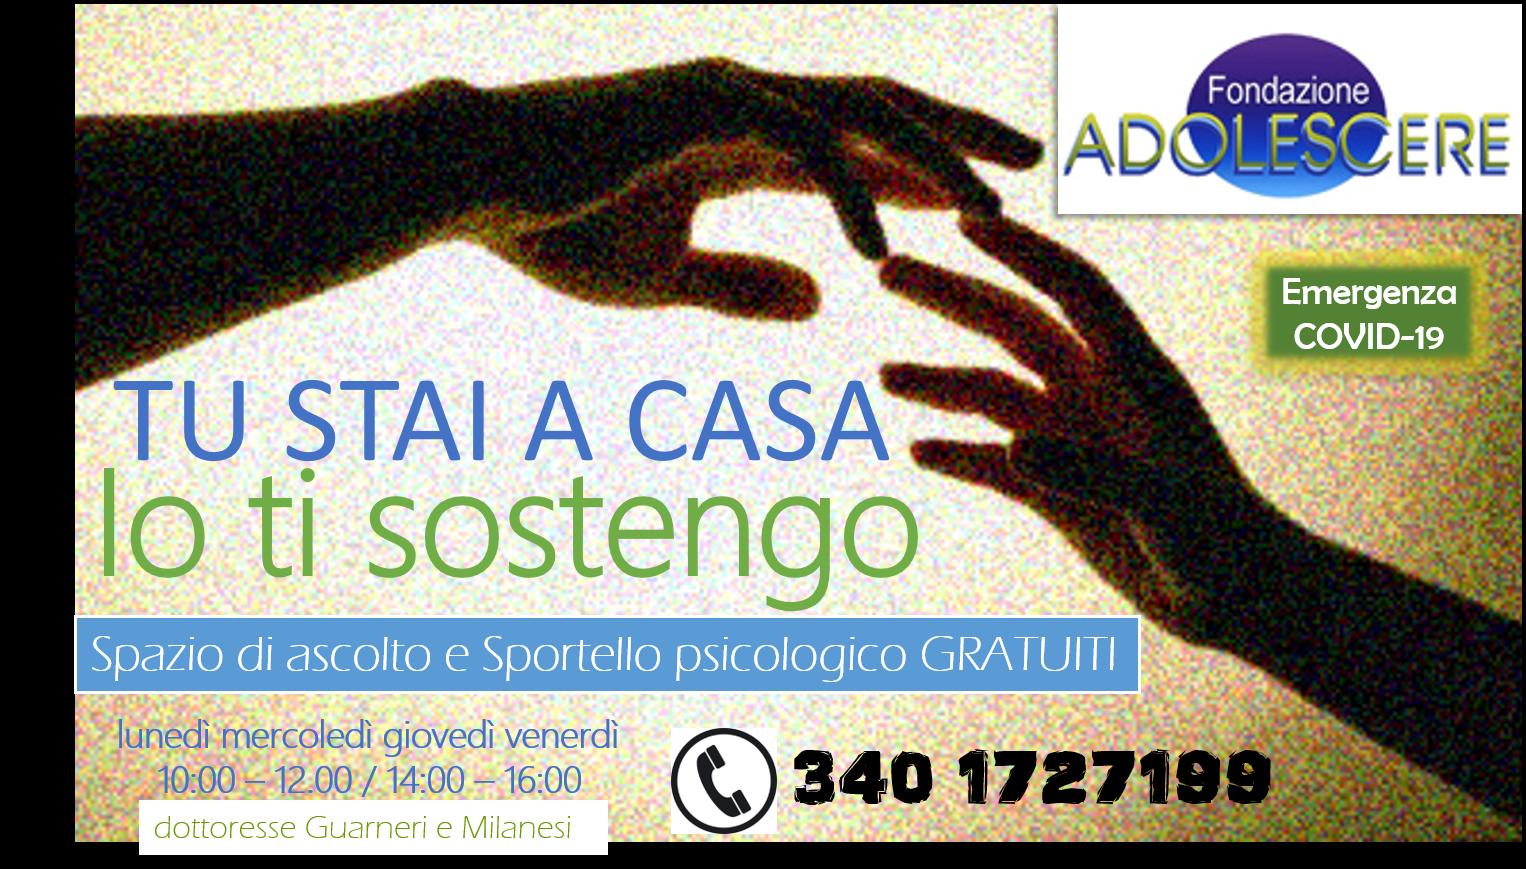 Emergenza Covid-19: SPAZIO DI ASCOLTO E SPORTELLO PSICOLOGICO